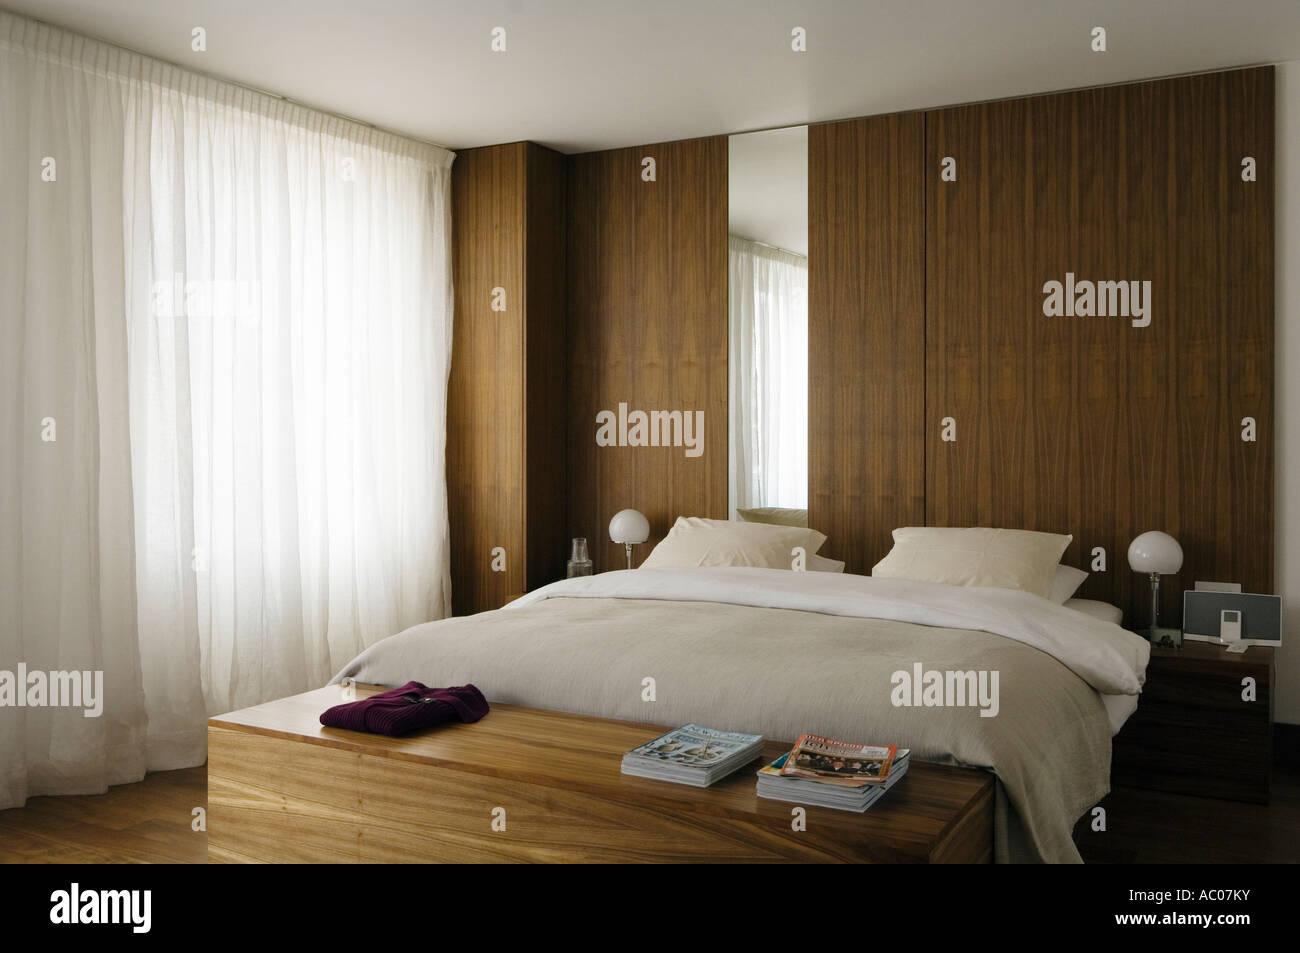 Fußboden Schlafzimmer Quest ~ Boden für schlafzimmer hnl bettwäsche romantisch schlafzimmer